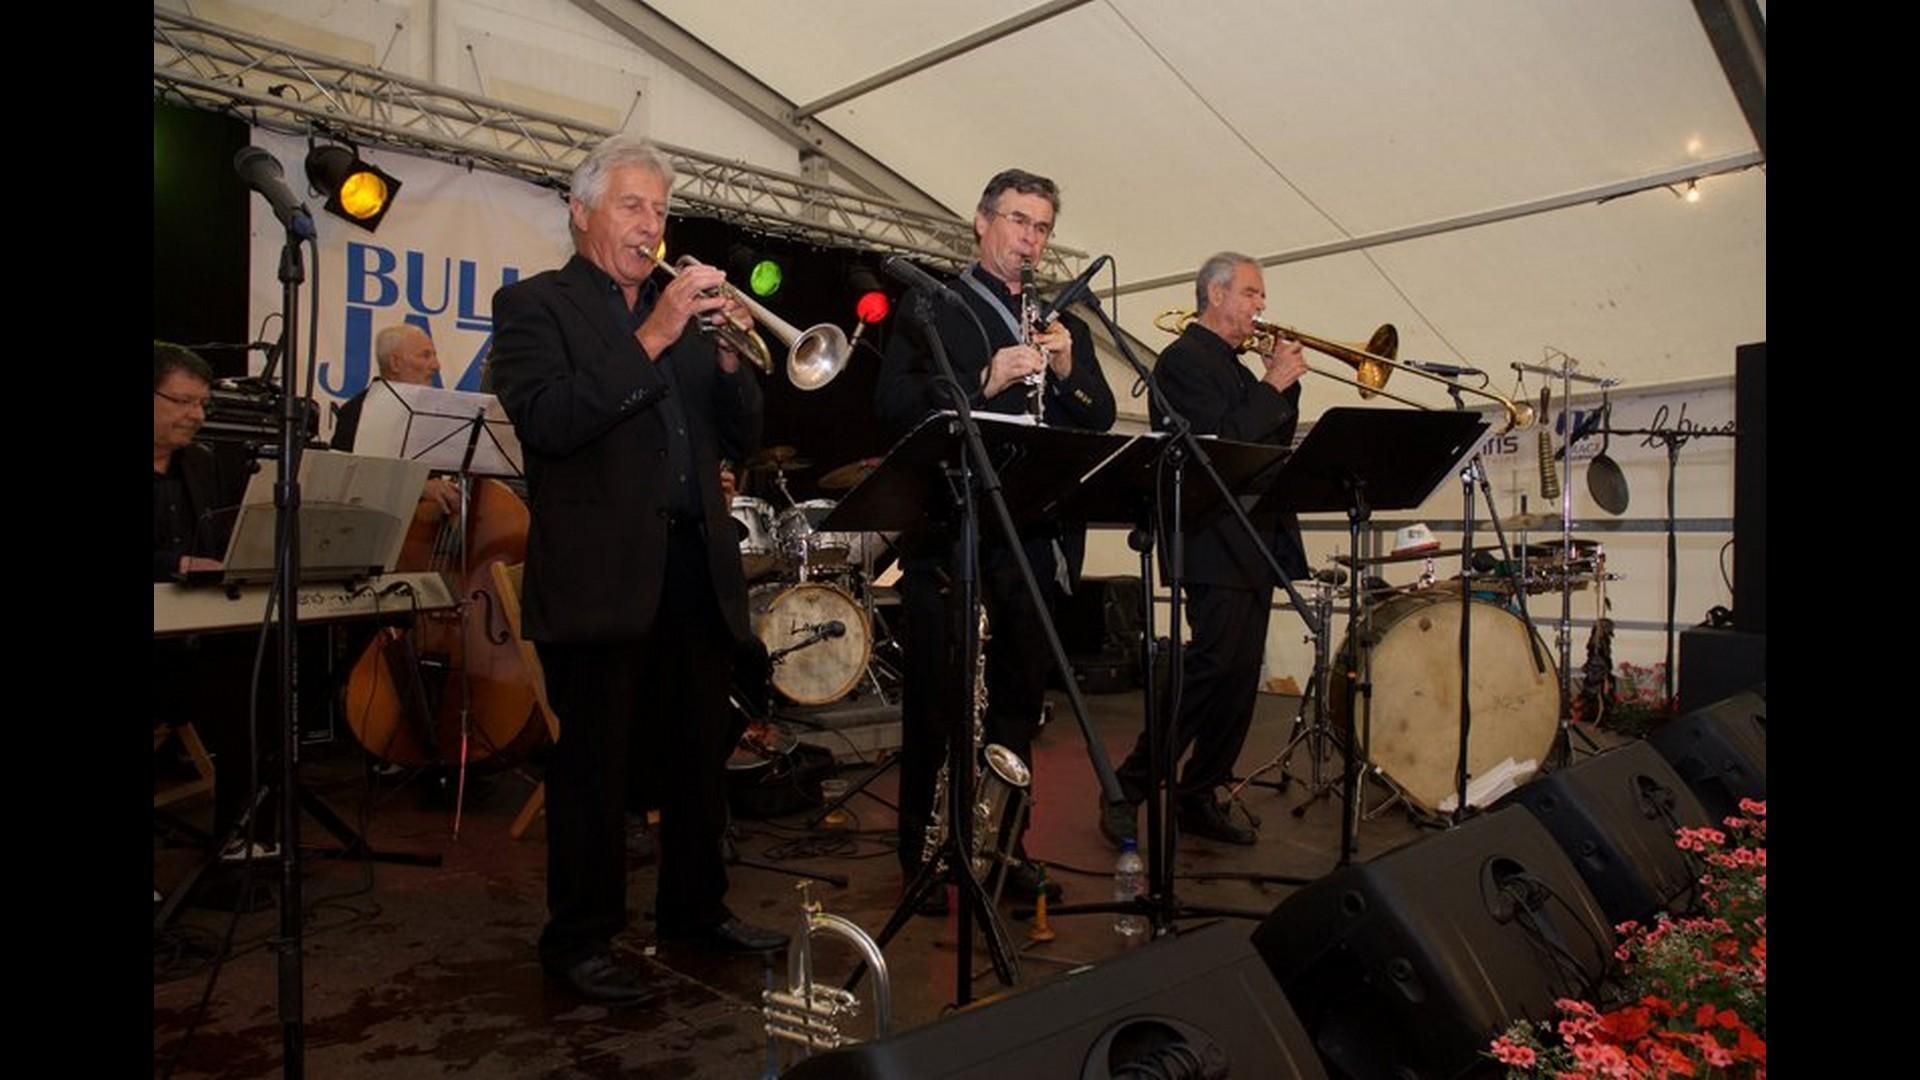 Bulle jazz festival la gruy re for Le buro bulle